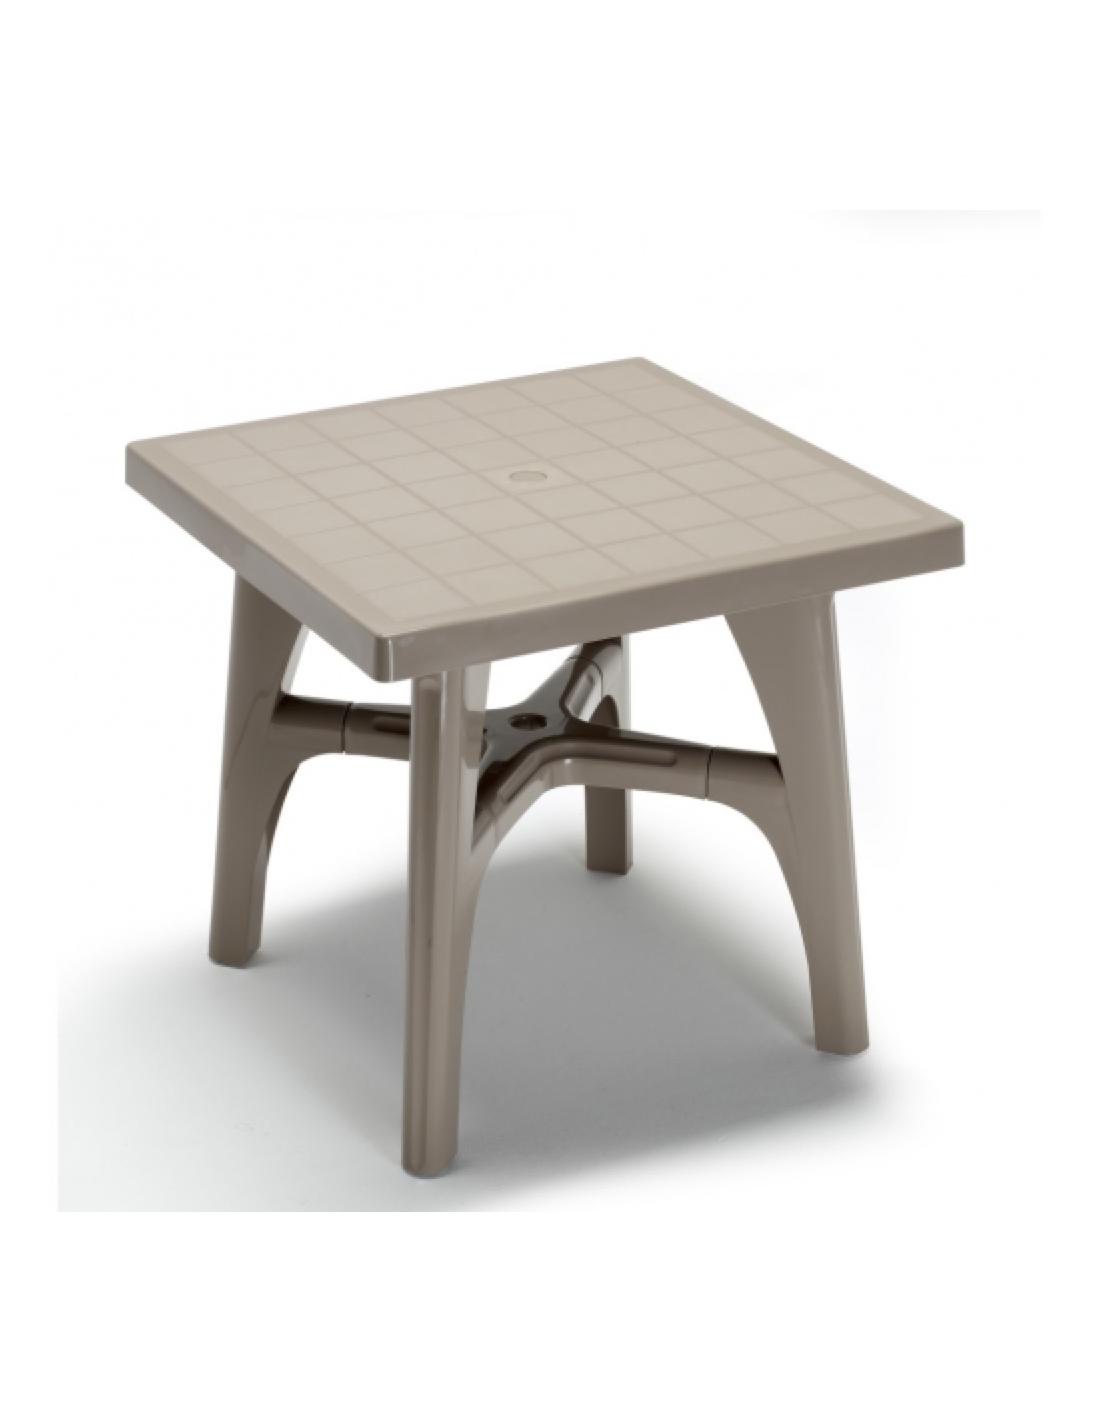 Tavolo da esterno per giardino resina quadromax contract - Resina da esterno ...